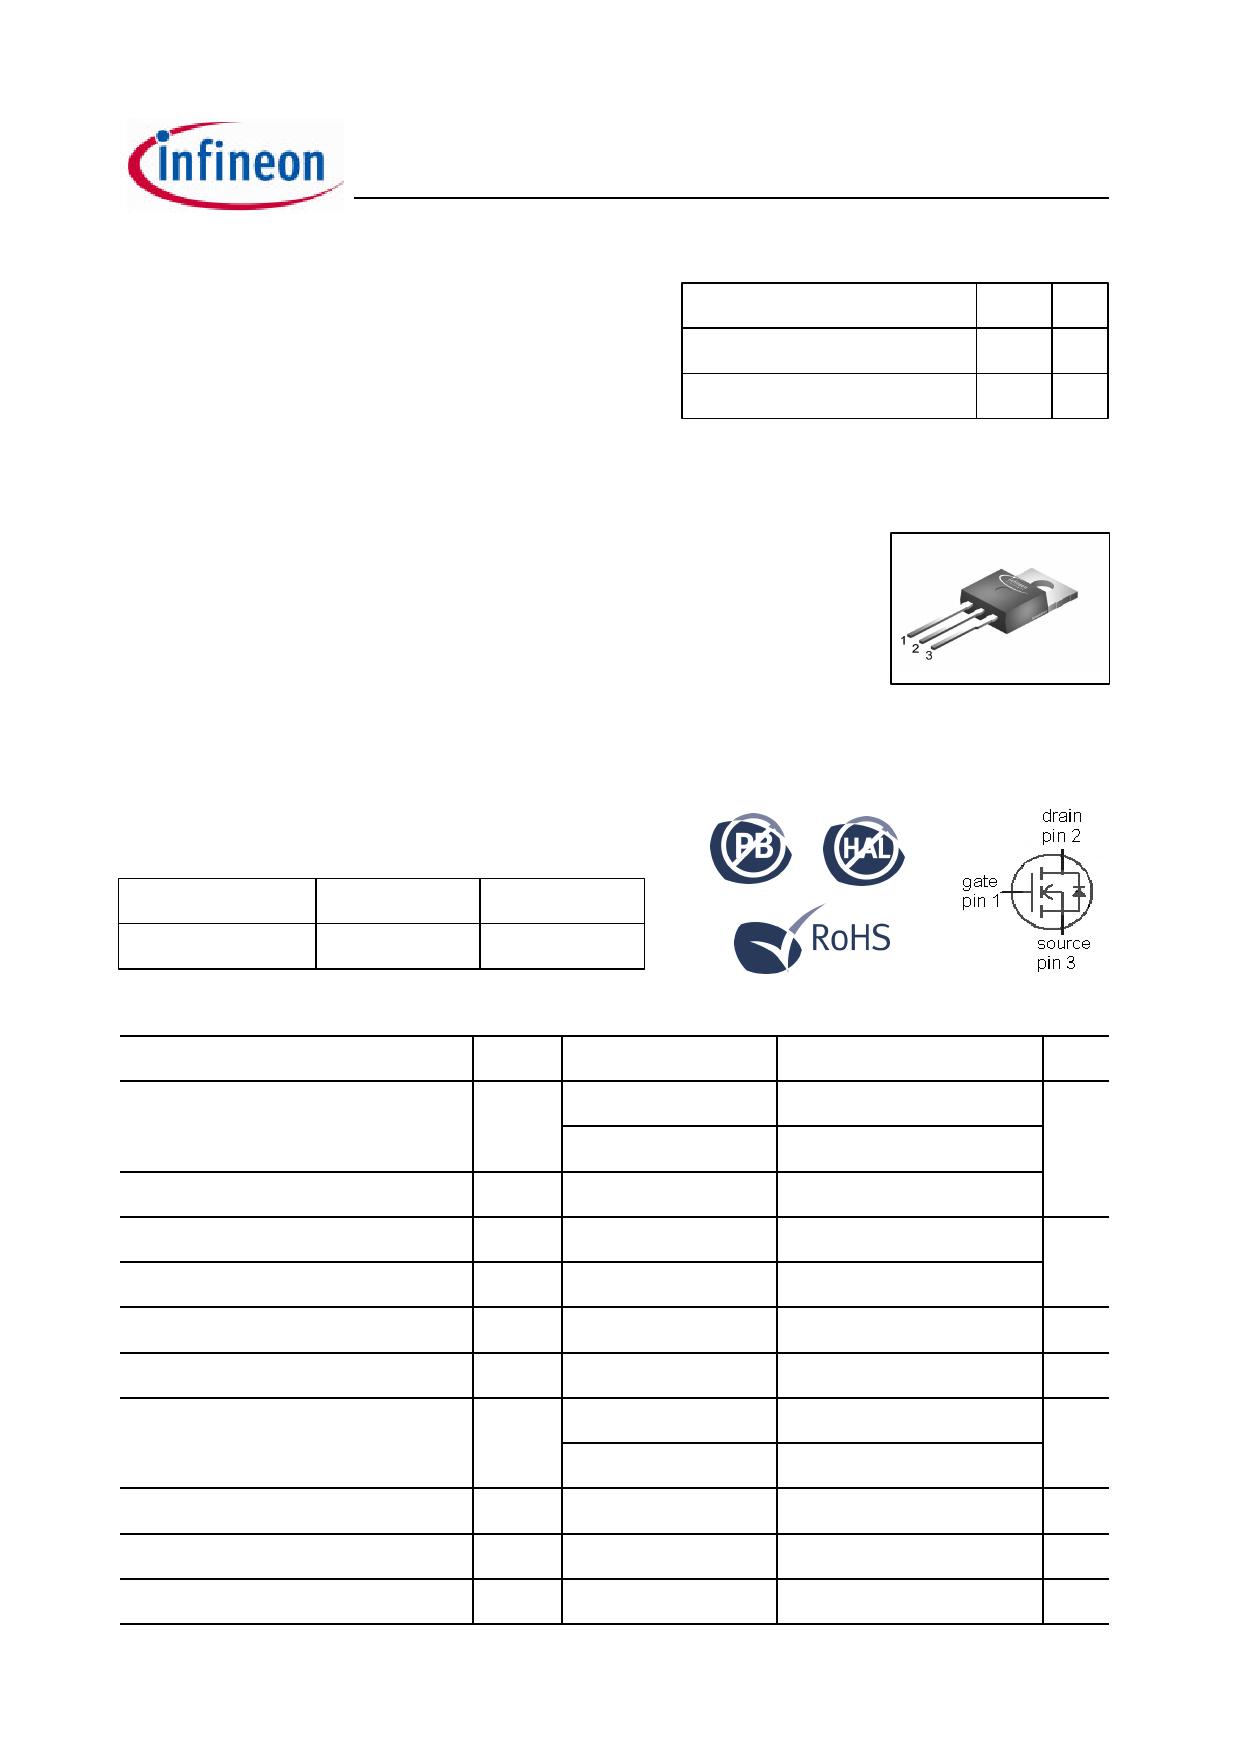 08N80C3 datasheet pinout